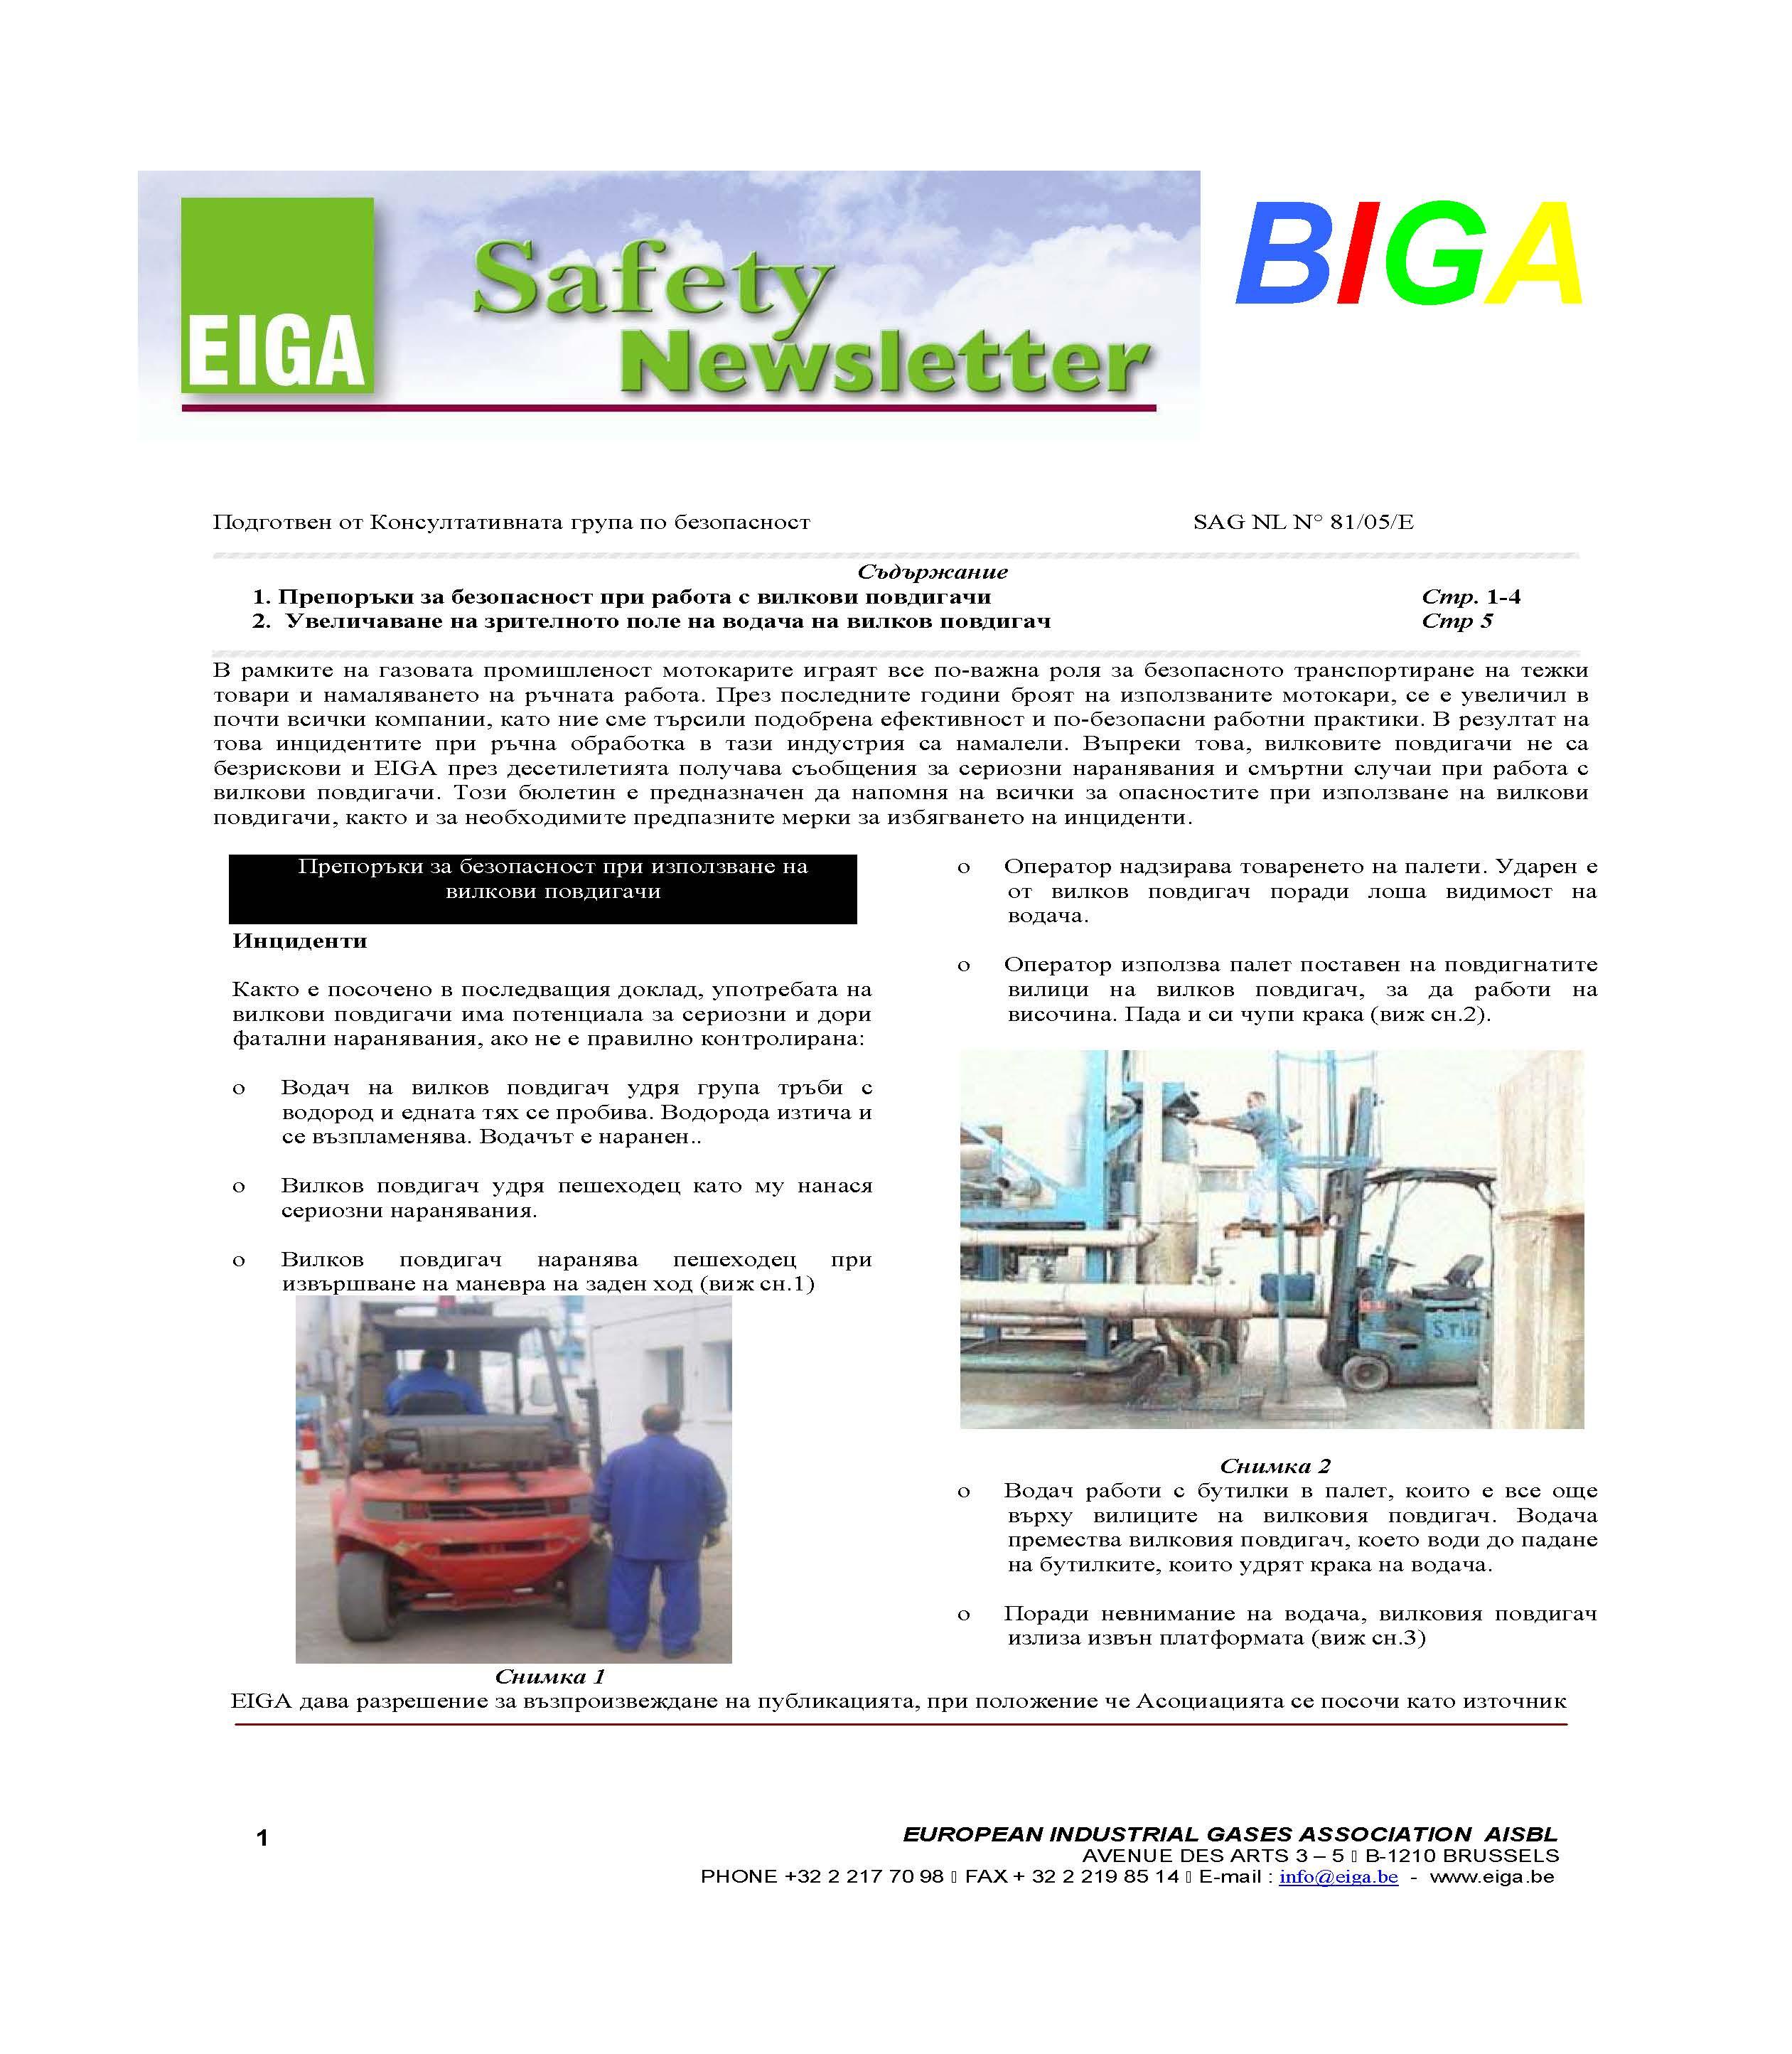 Препоръки за безопасност при работа с вилкови повдигачи